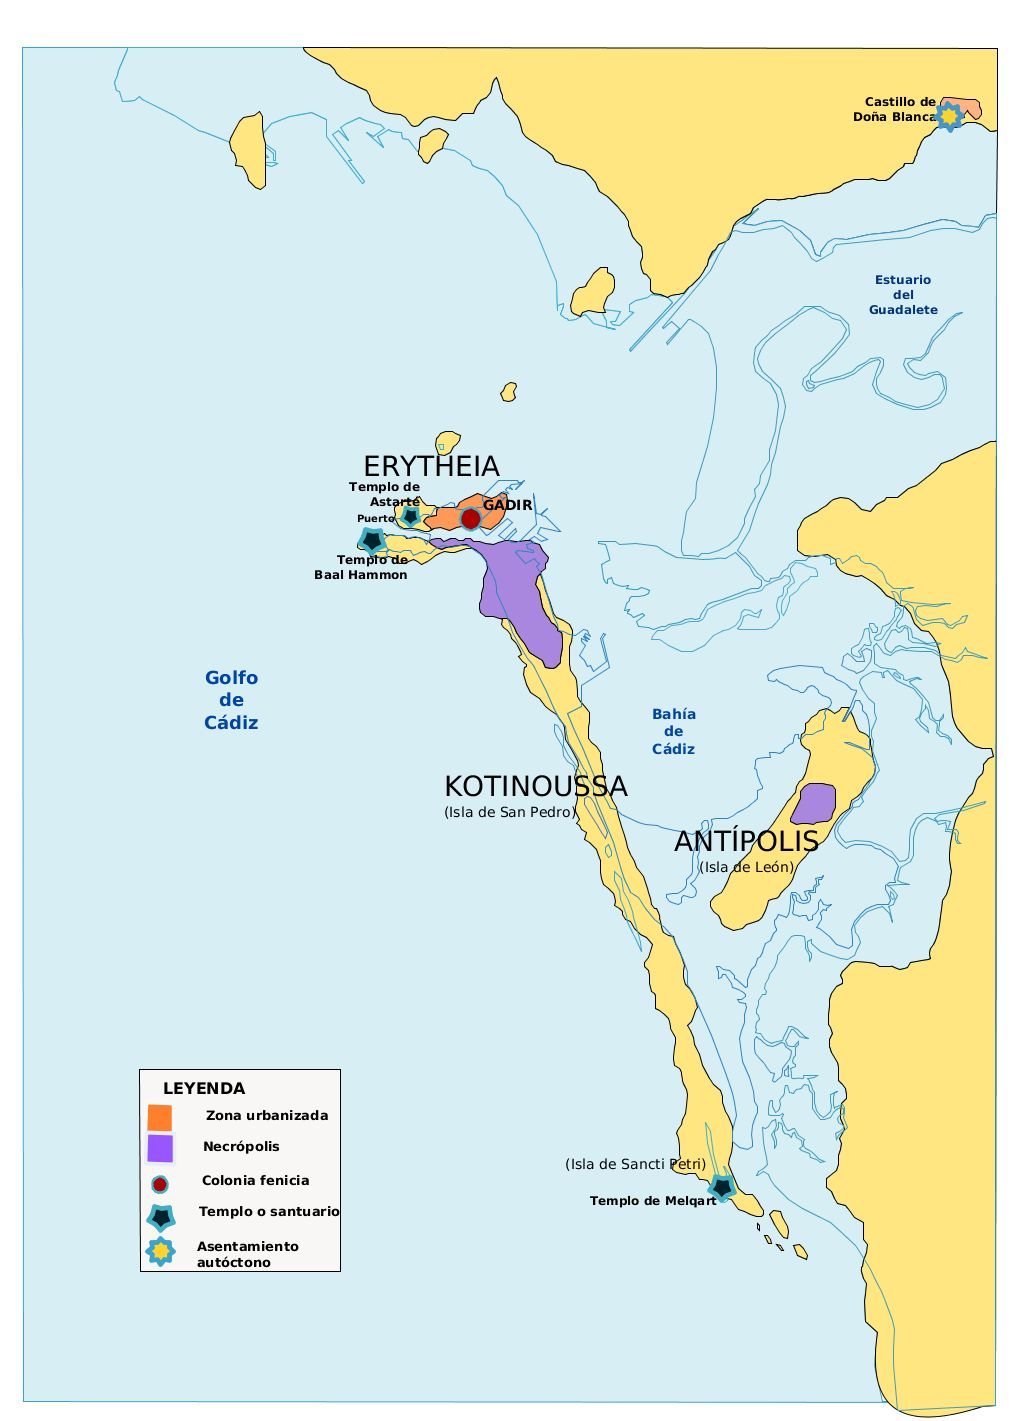 Islas Gadeiras, hace 2000-3000 años